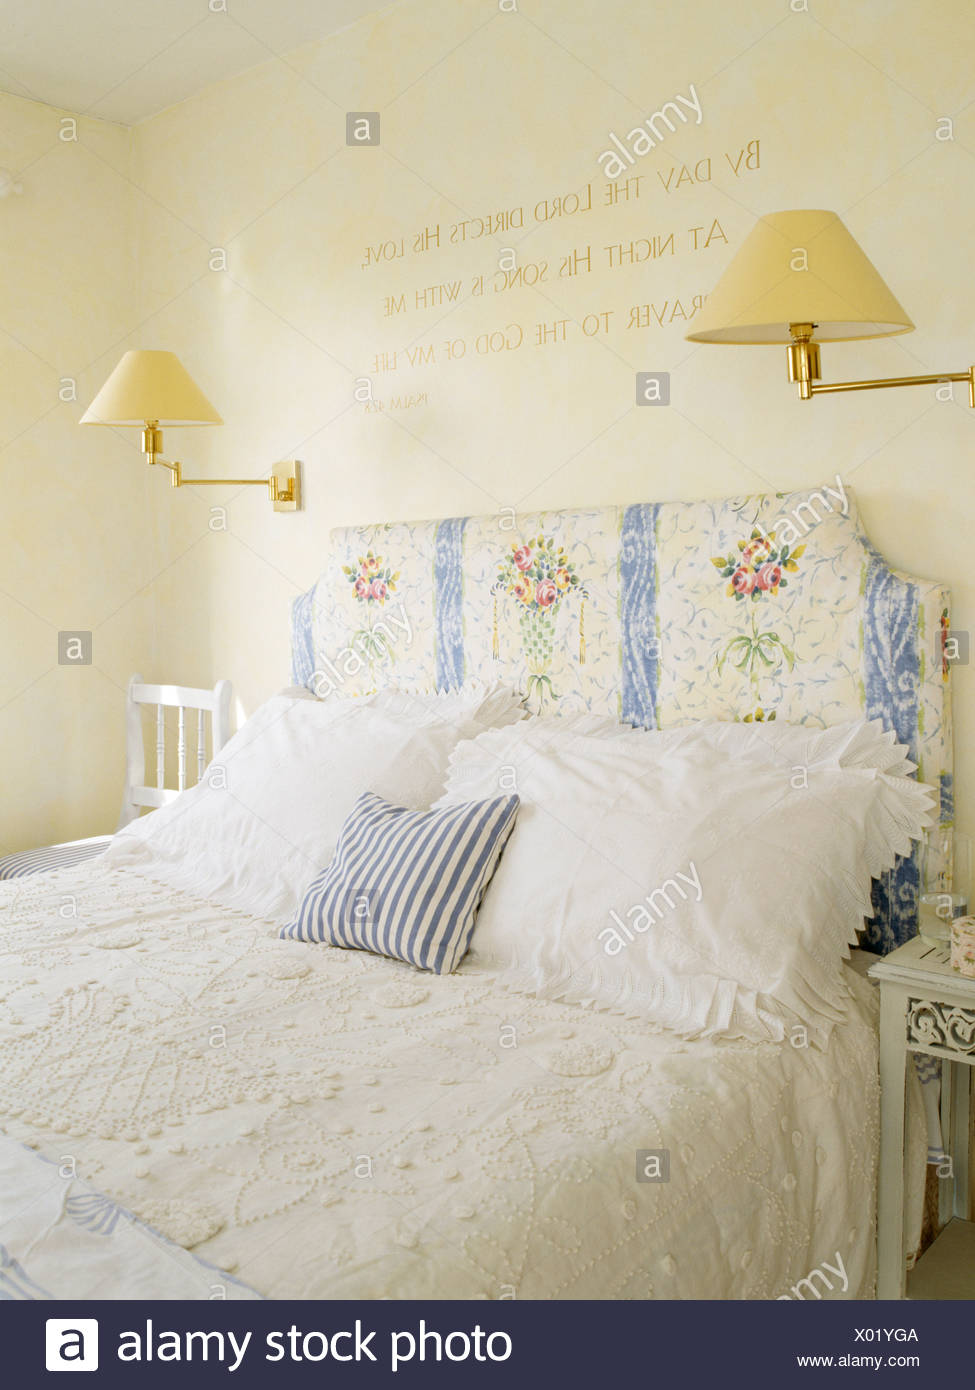 Floral Gemusterte Kopfteil Auf Bett Mit Spitze Bettdecke Und Kissen